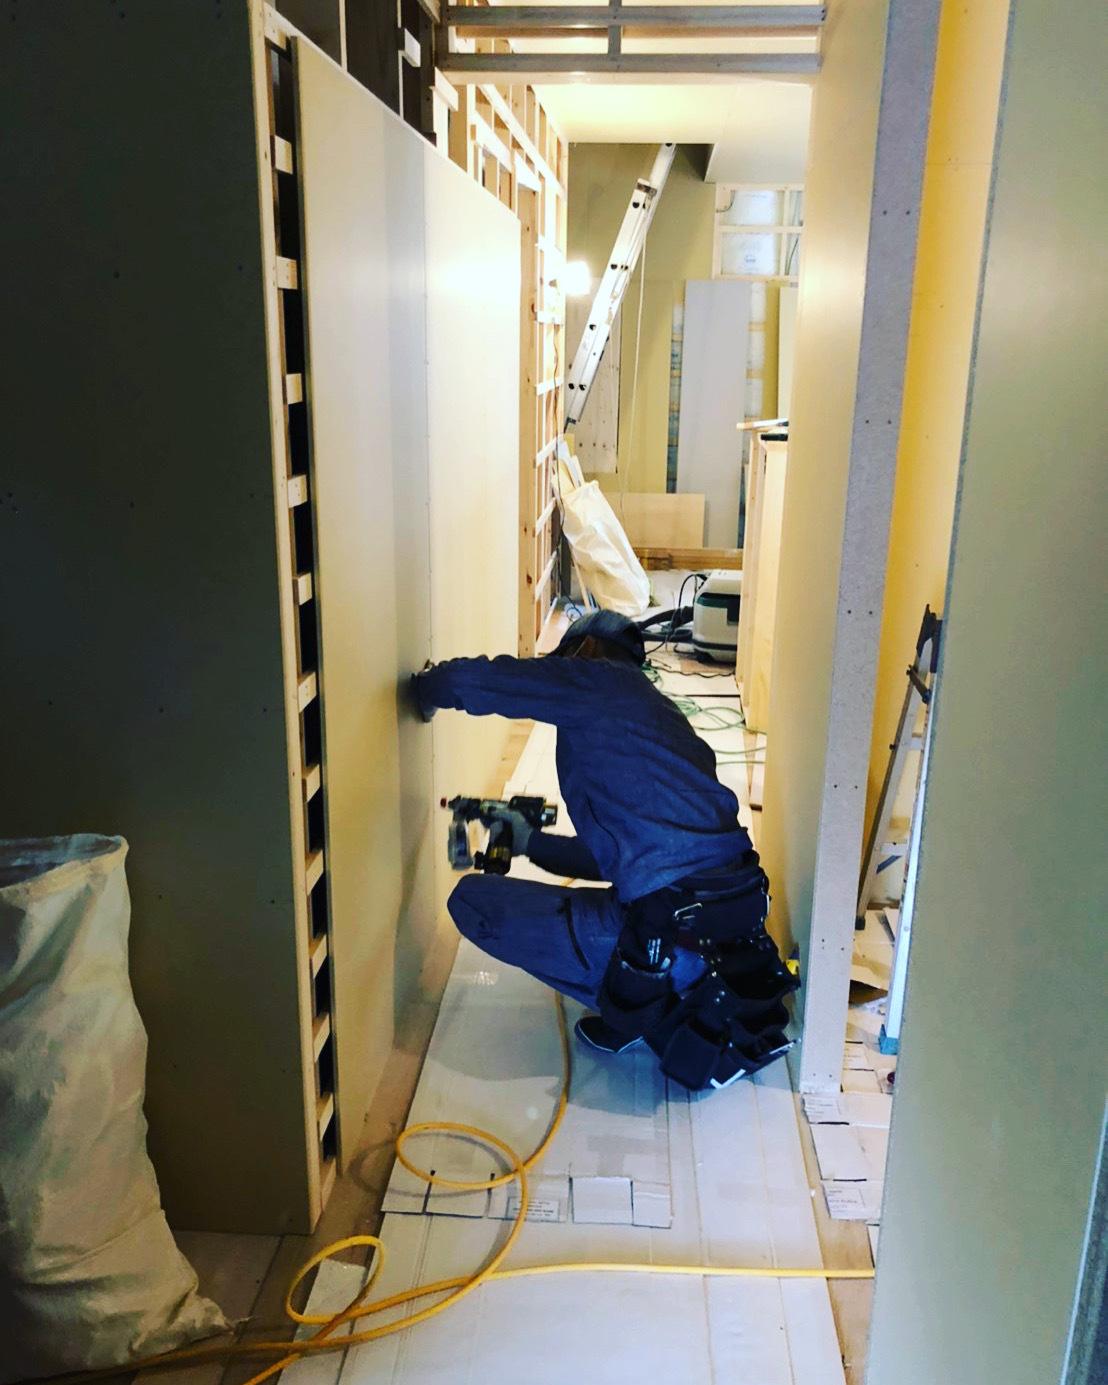 愛知県豊橋市H様 新築住宅工事その3 大工工事まもなく完了!_c0180474_22141909.jpg